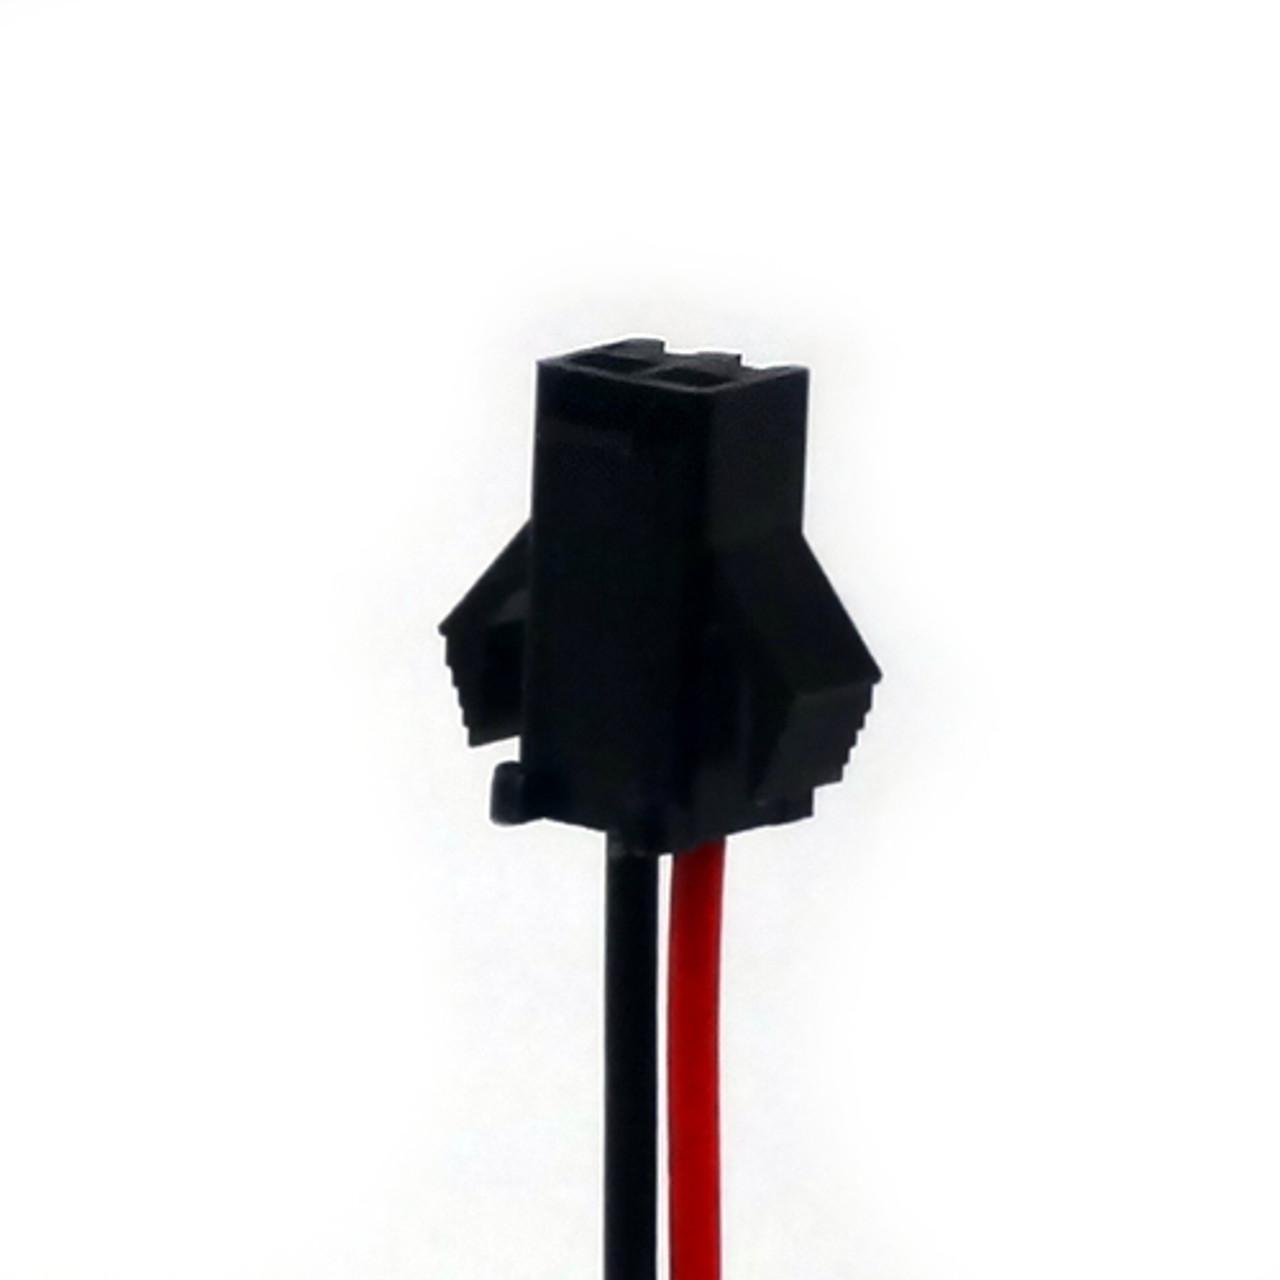 BAT04, Connector for Kawasaki Robotic PLC Replacement Battery